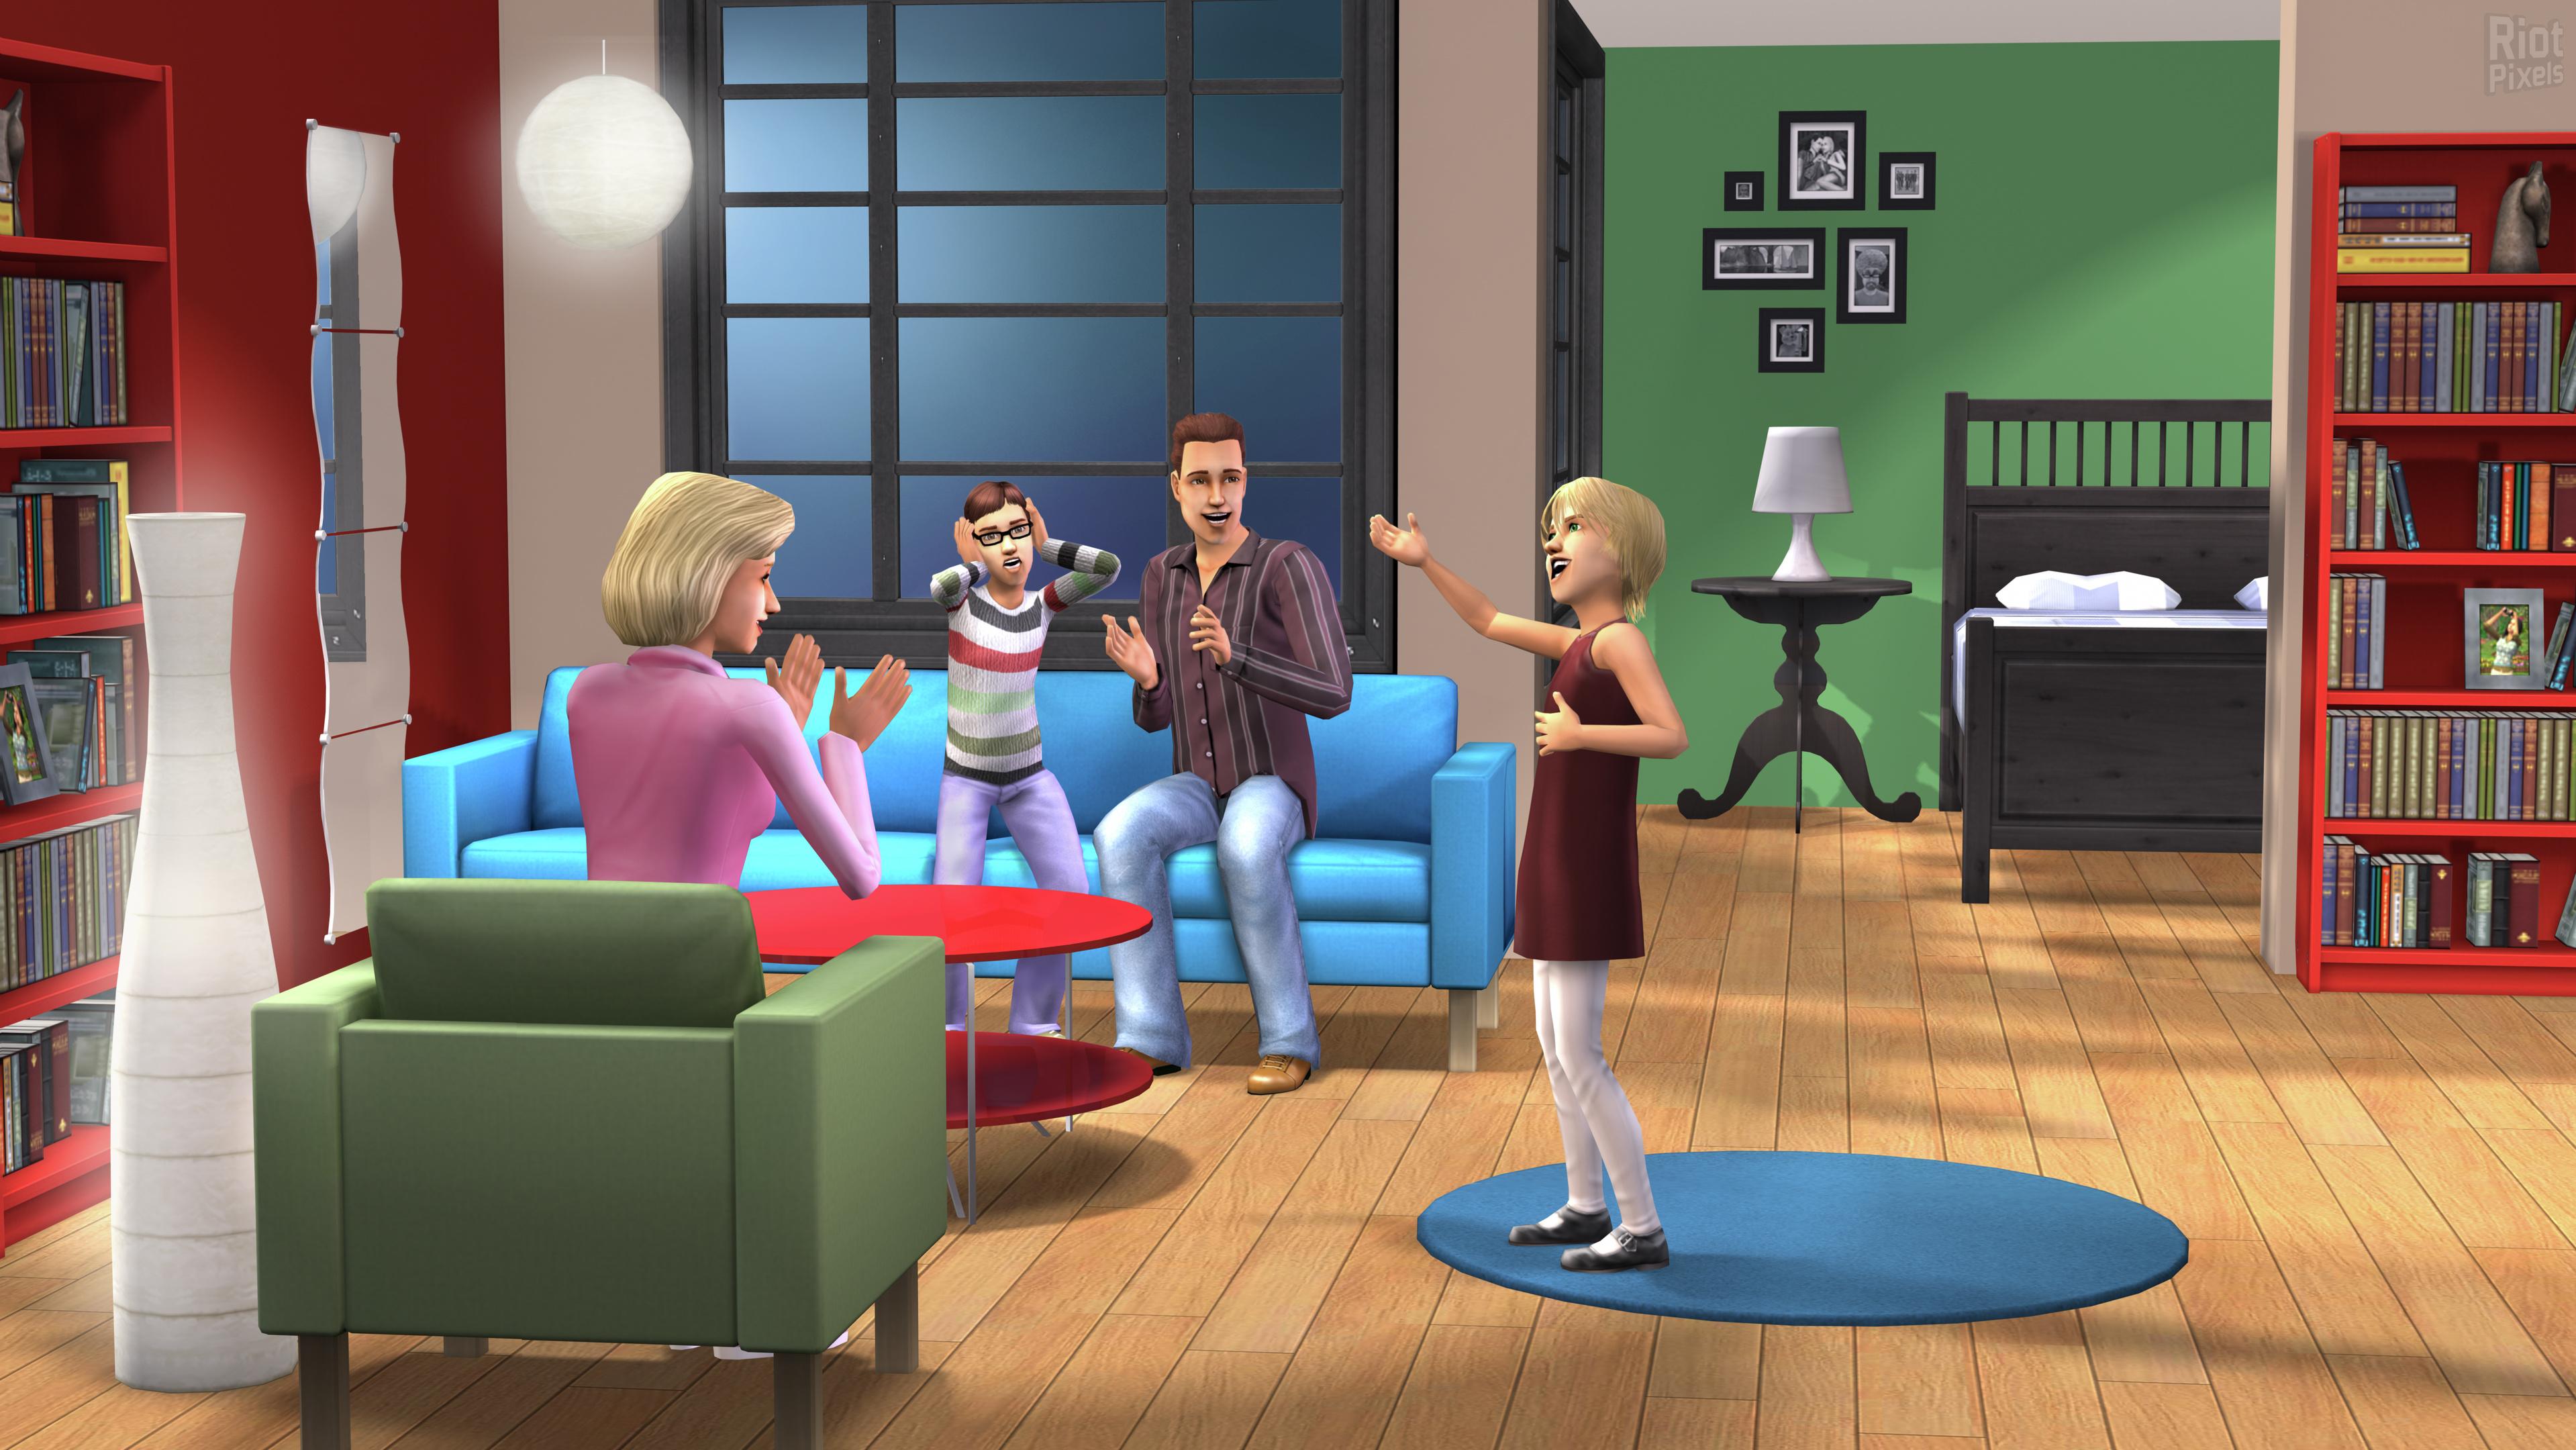 Sims 2 sex stuff hentia image